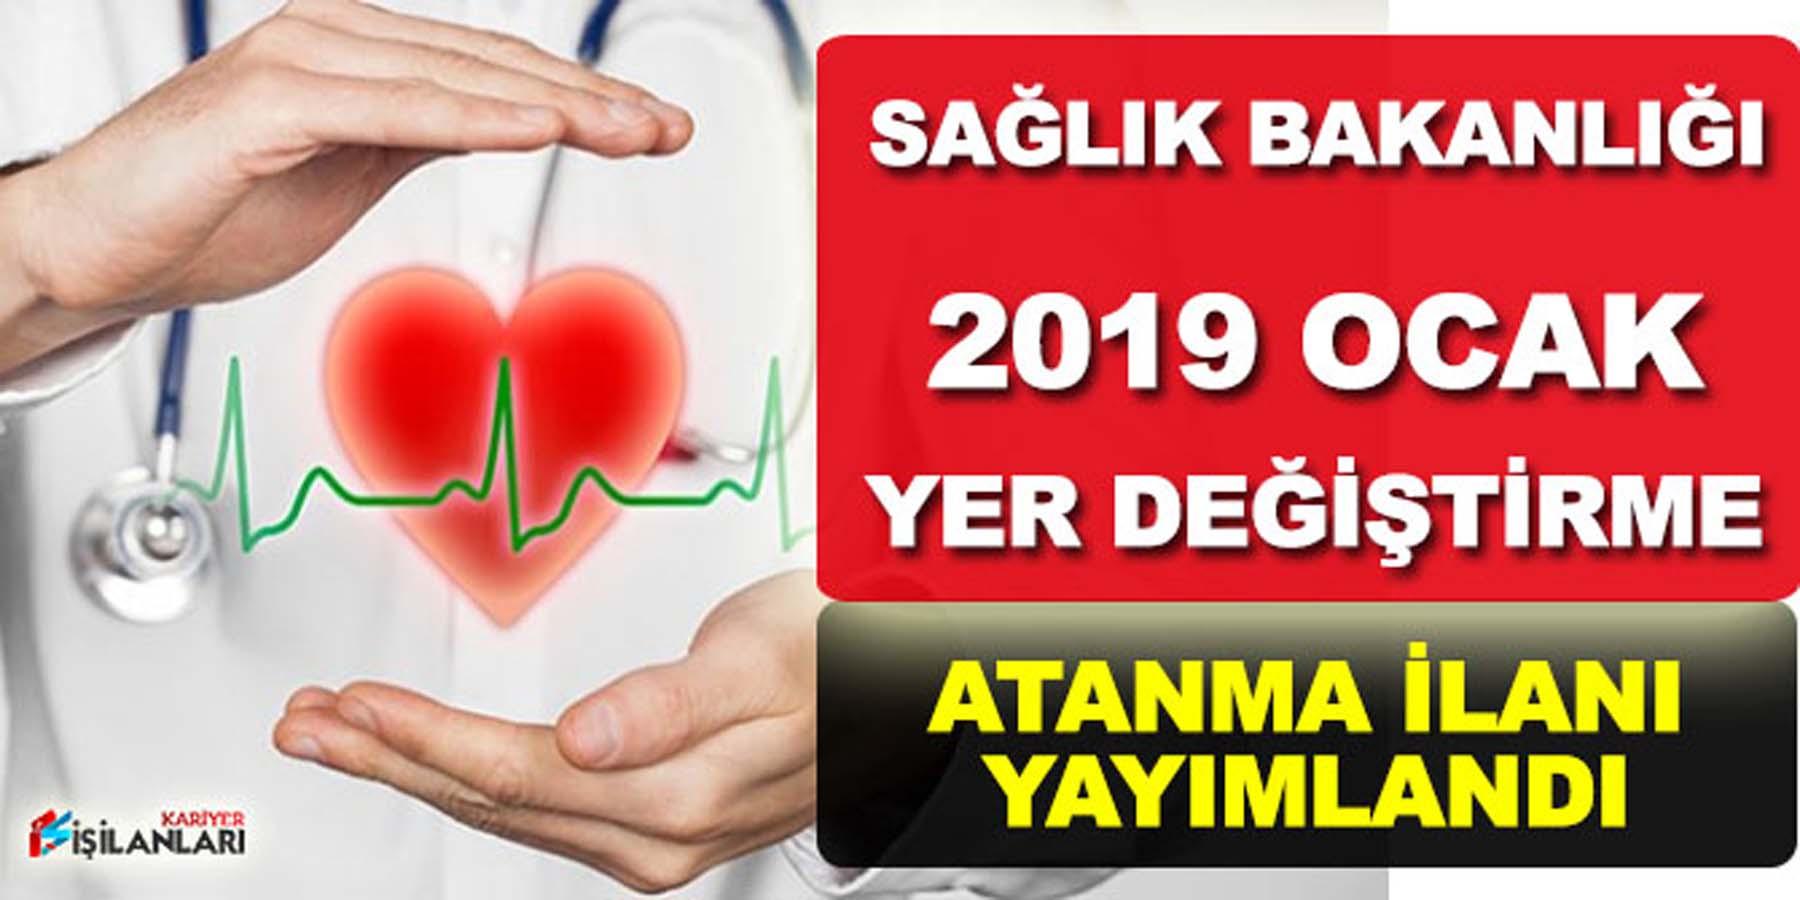 2019 Yılı Ocak Sağlık Bakanlığı Atama Yayımlandı